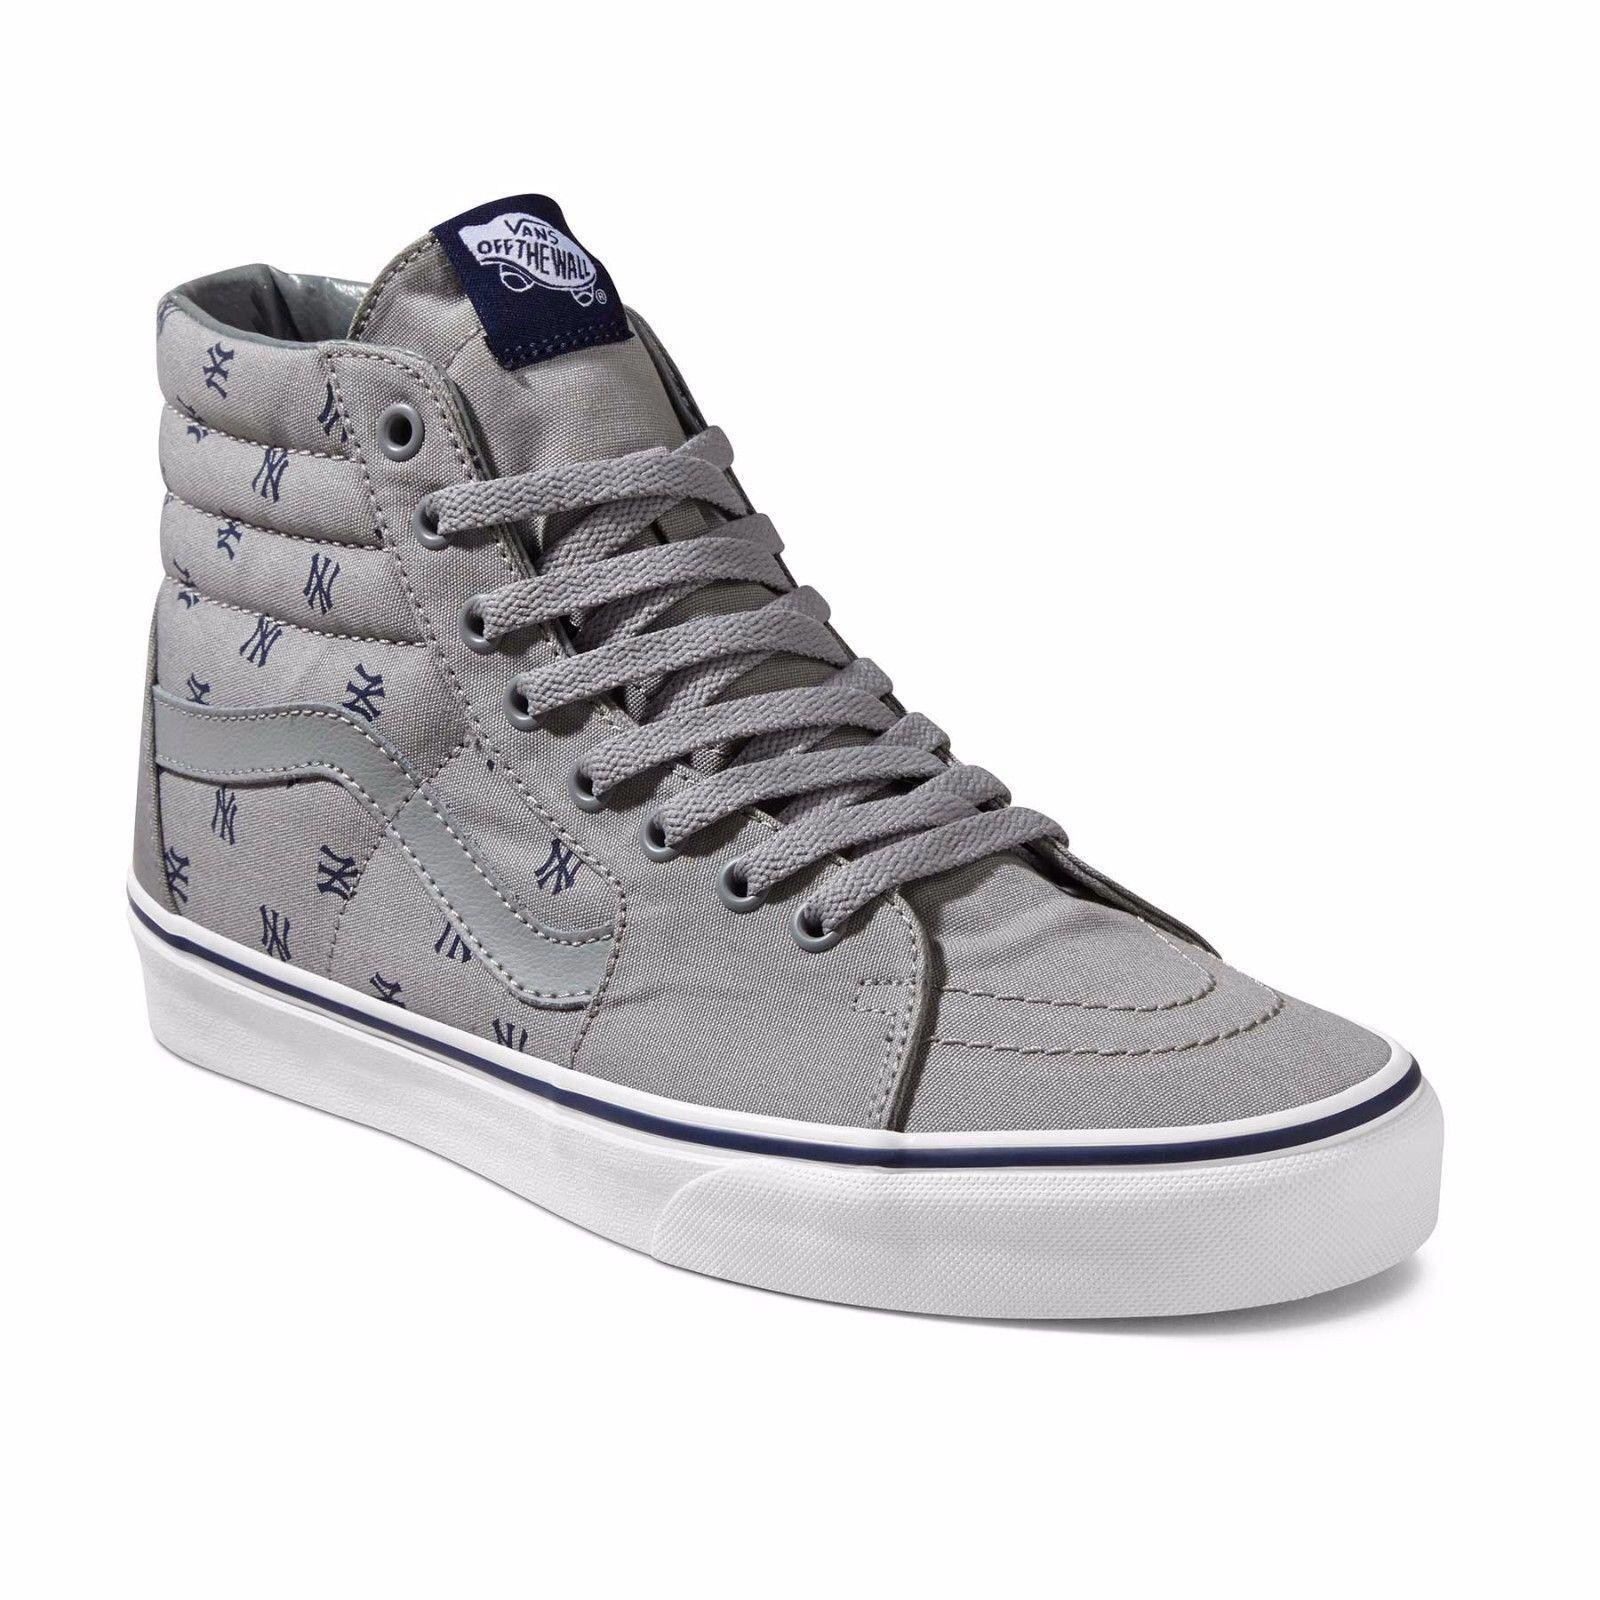 Vans Sk8 Hi Men's MLB New York Yankees Grey Blue Baseball NY Shoes NEW in Box